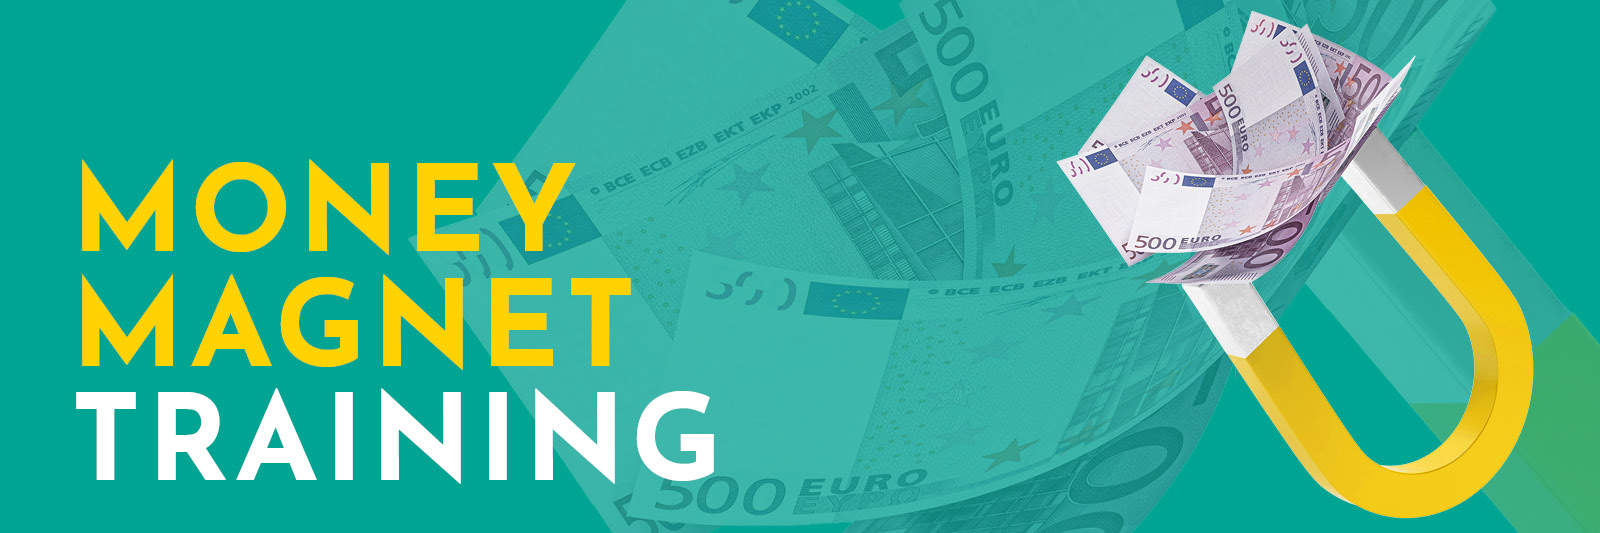 Webinargeek_header_Money_Magnet_Training_1200x400px